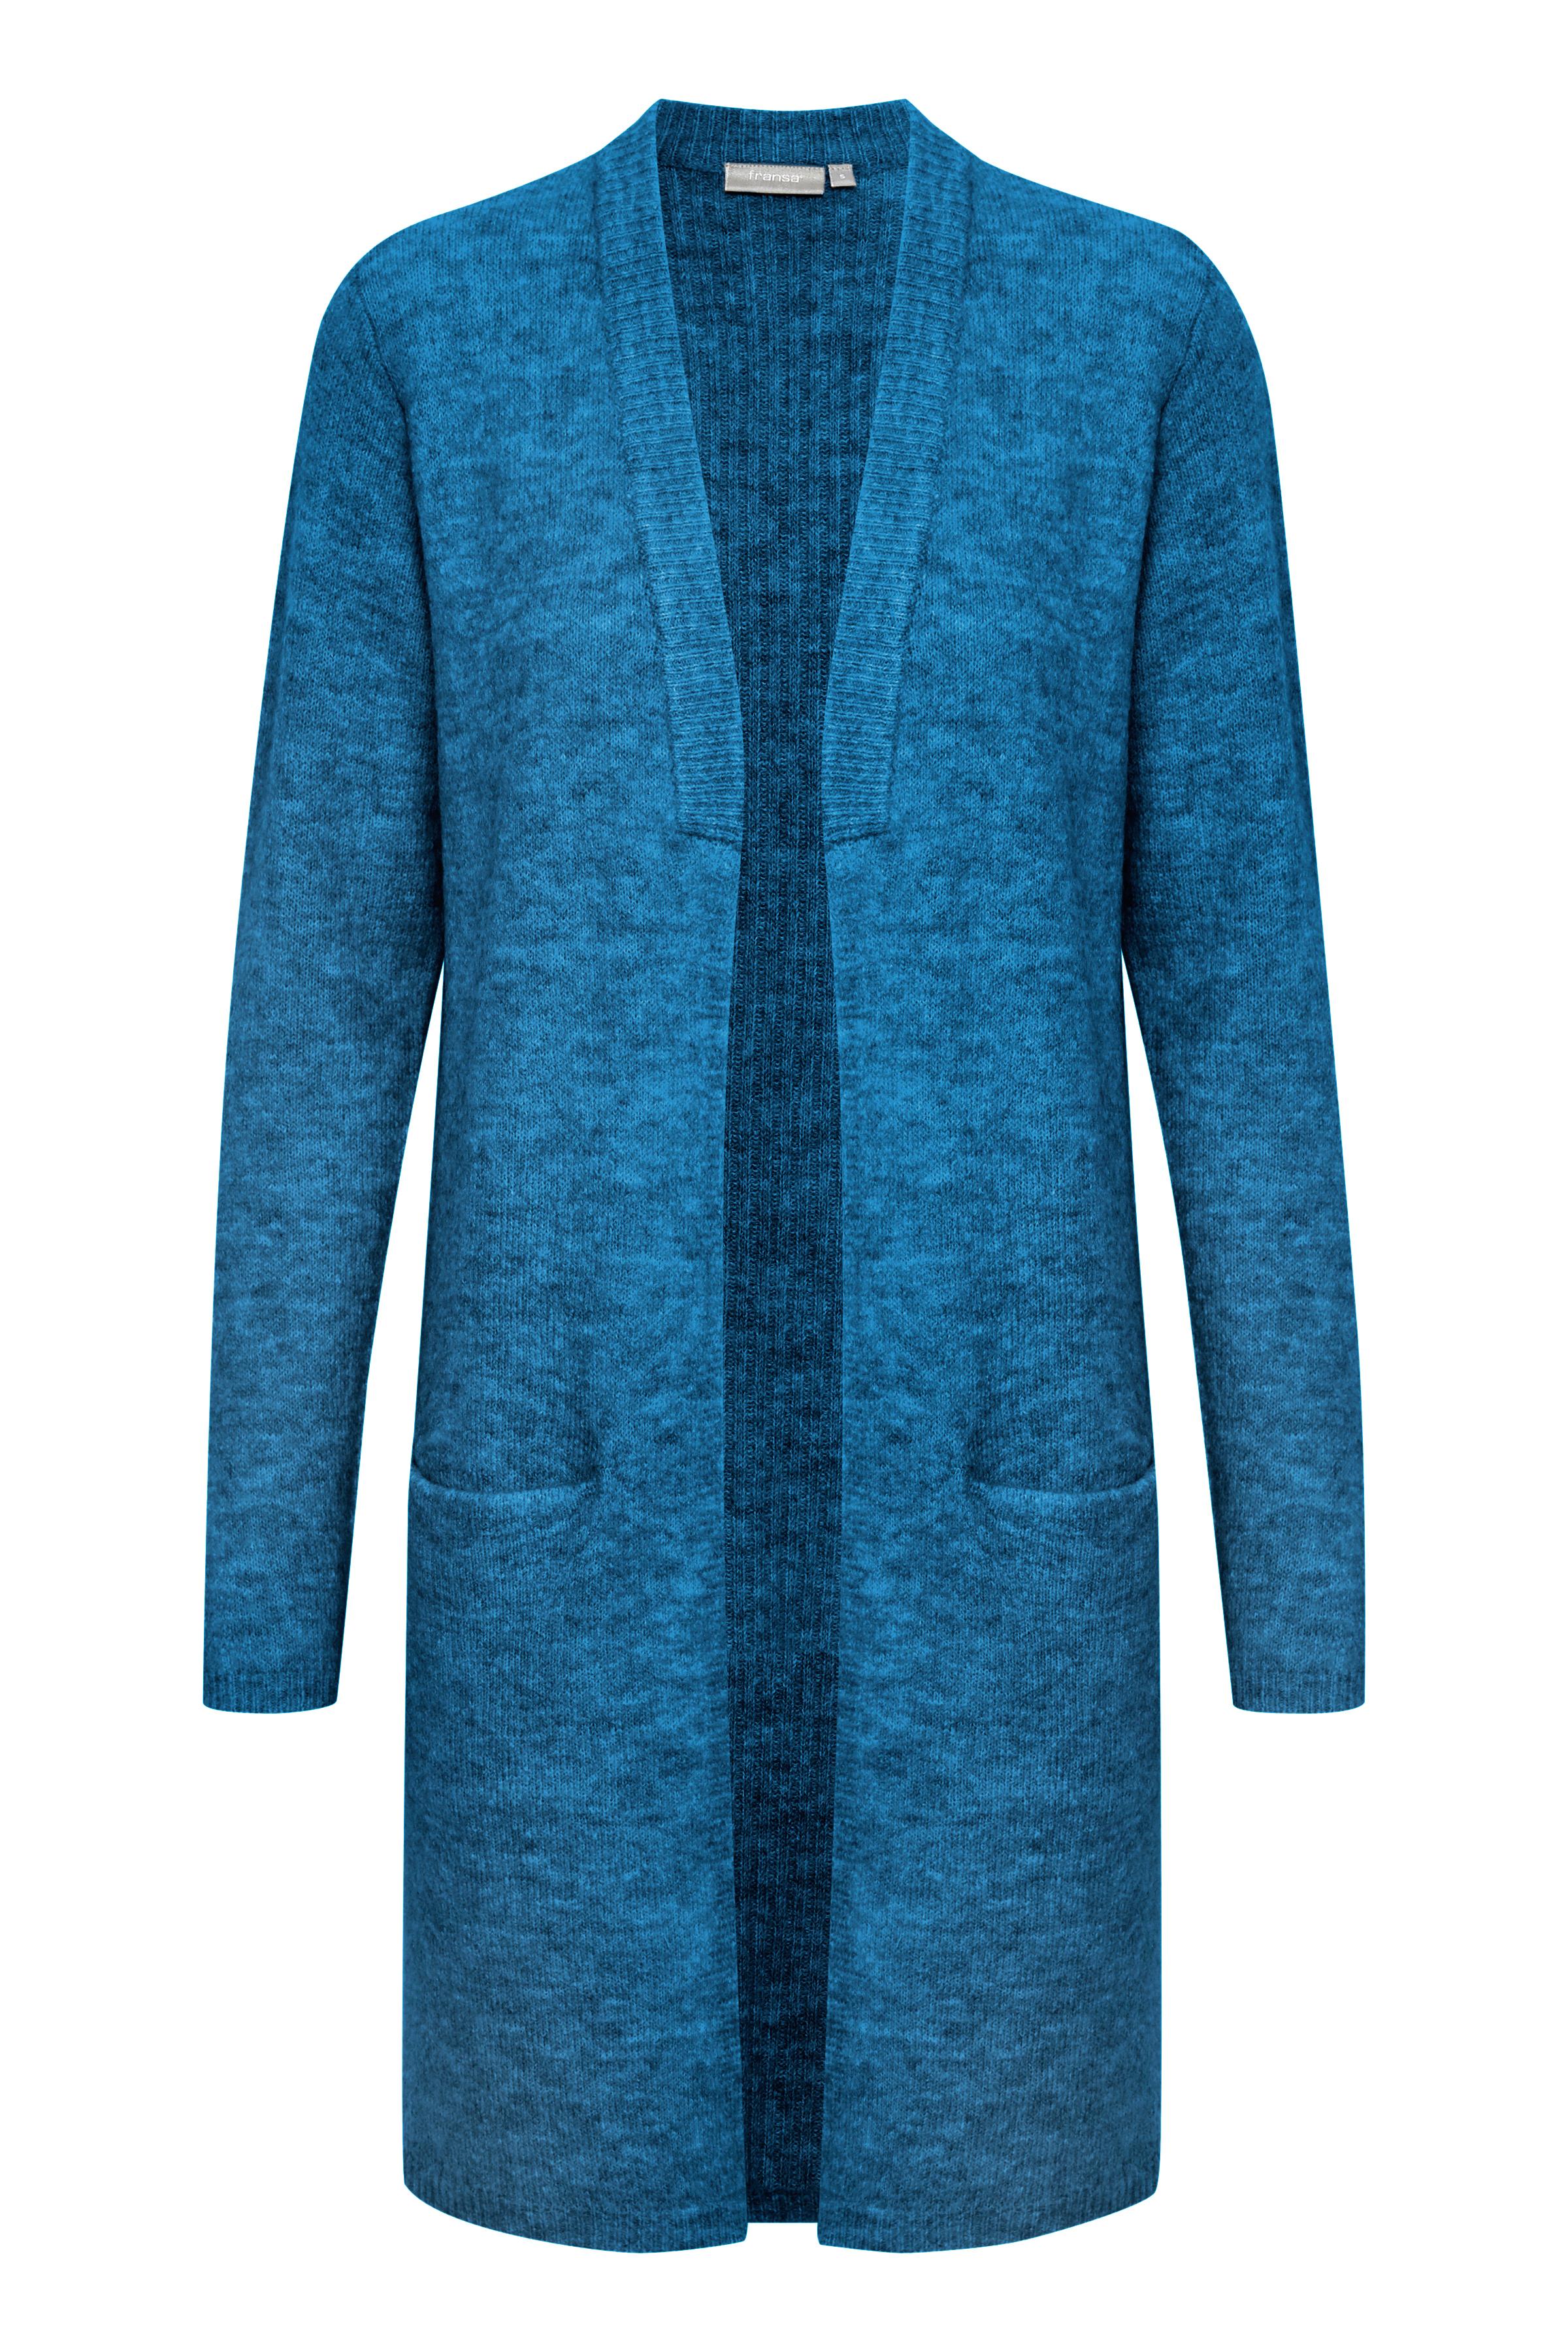 Blåmeleret Cardigan fra Fransa – Køb Blåmeleret Cardigan fra str. XS-XXL her